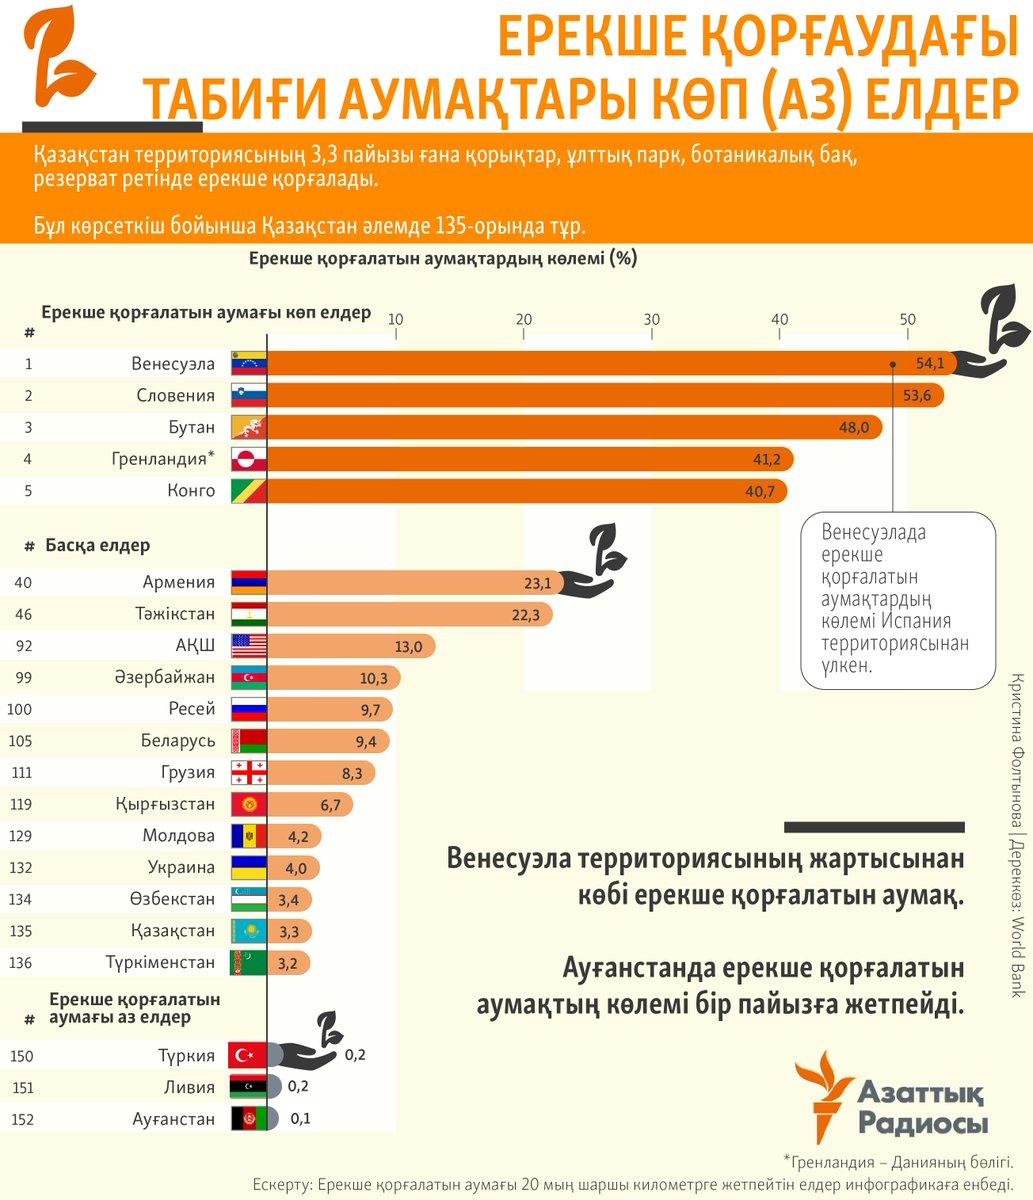 какую площадь занимает россия в процентах